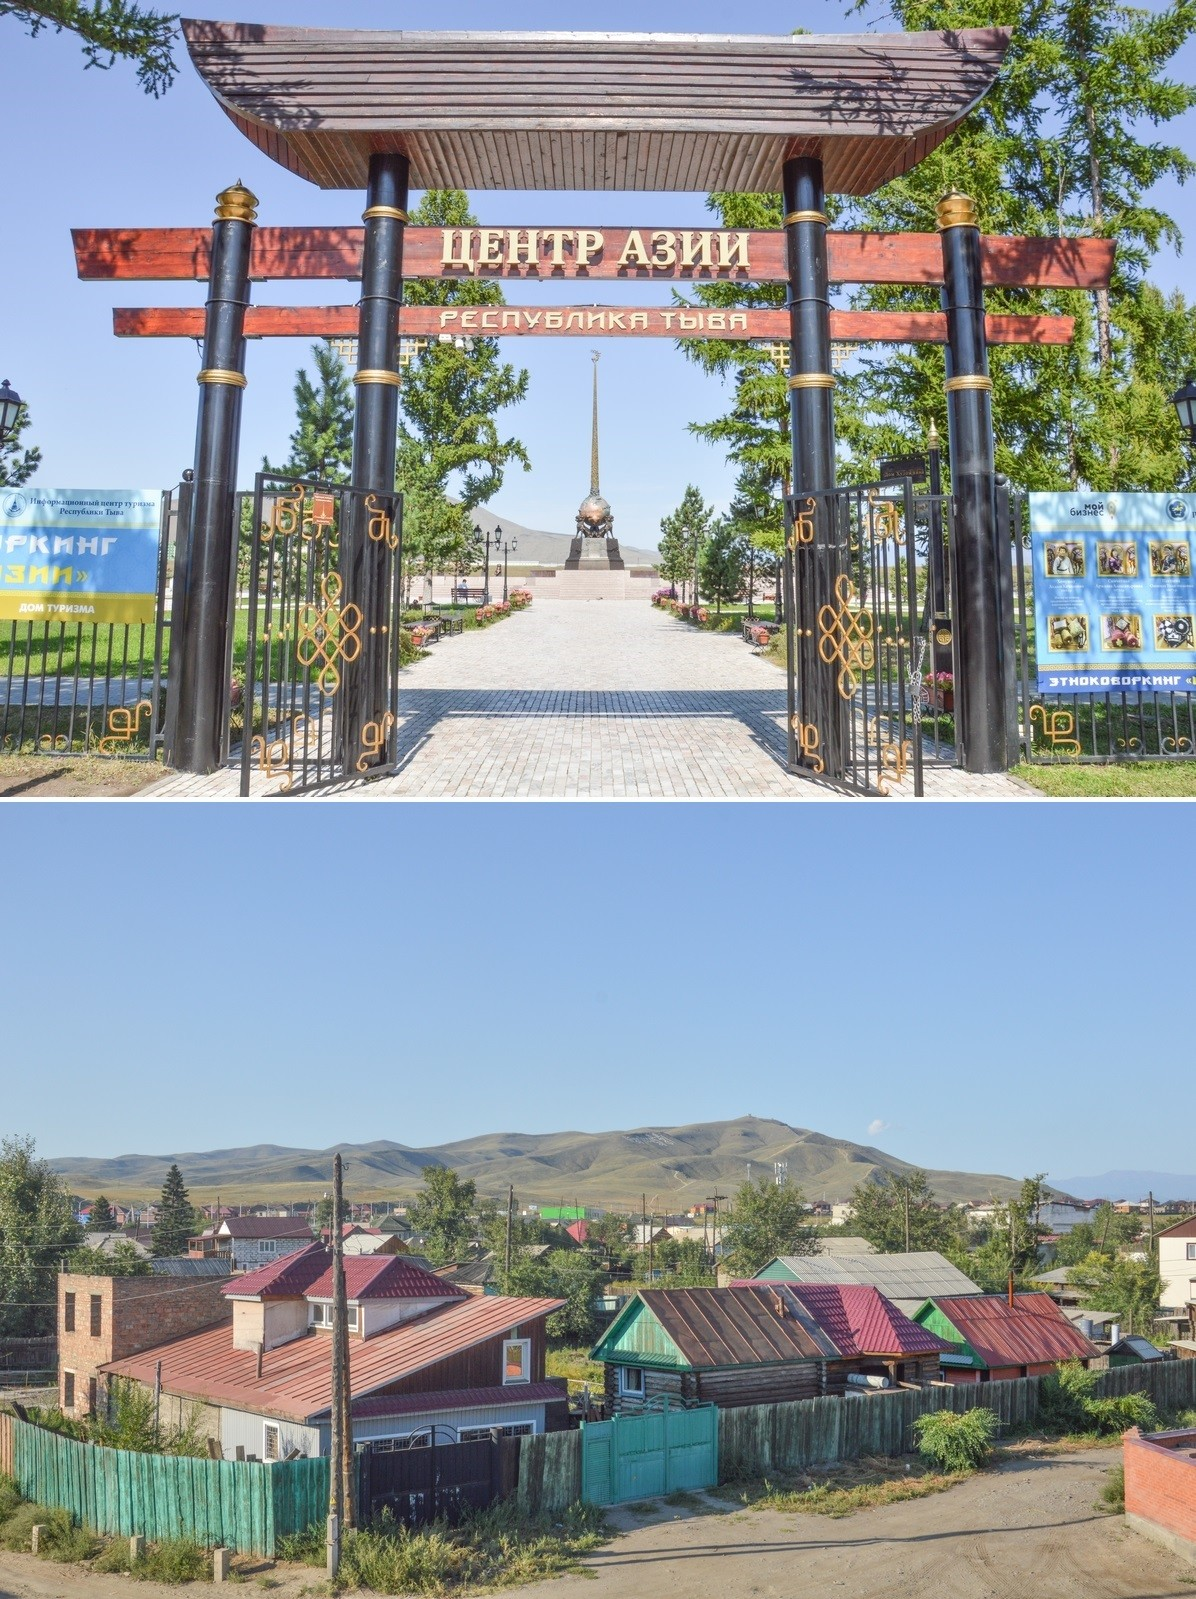 Mais plus qu'un riche passé, le Touva abrite aussi d'étourdissants paysages, marqués par un relief prononcé et l'immensité steppique. À 10 minutes du centre de Kyzyl s'ouvrent aux randonneurs d'infinies perspectives, un océan de monts et collines semblant fondre sous un impitoyable astre solaire.